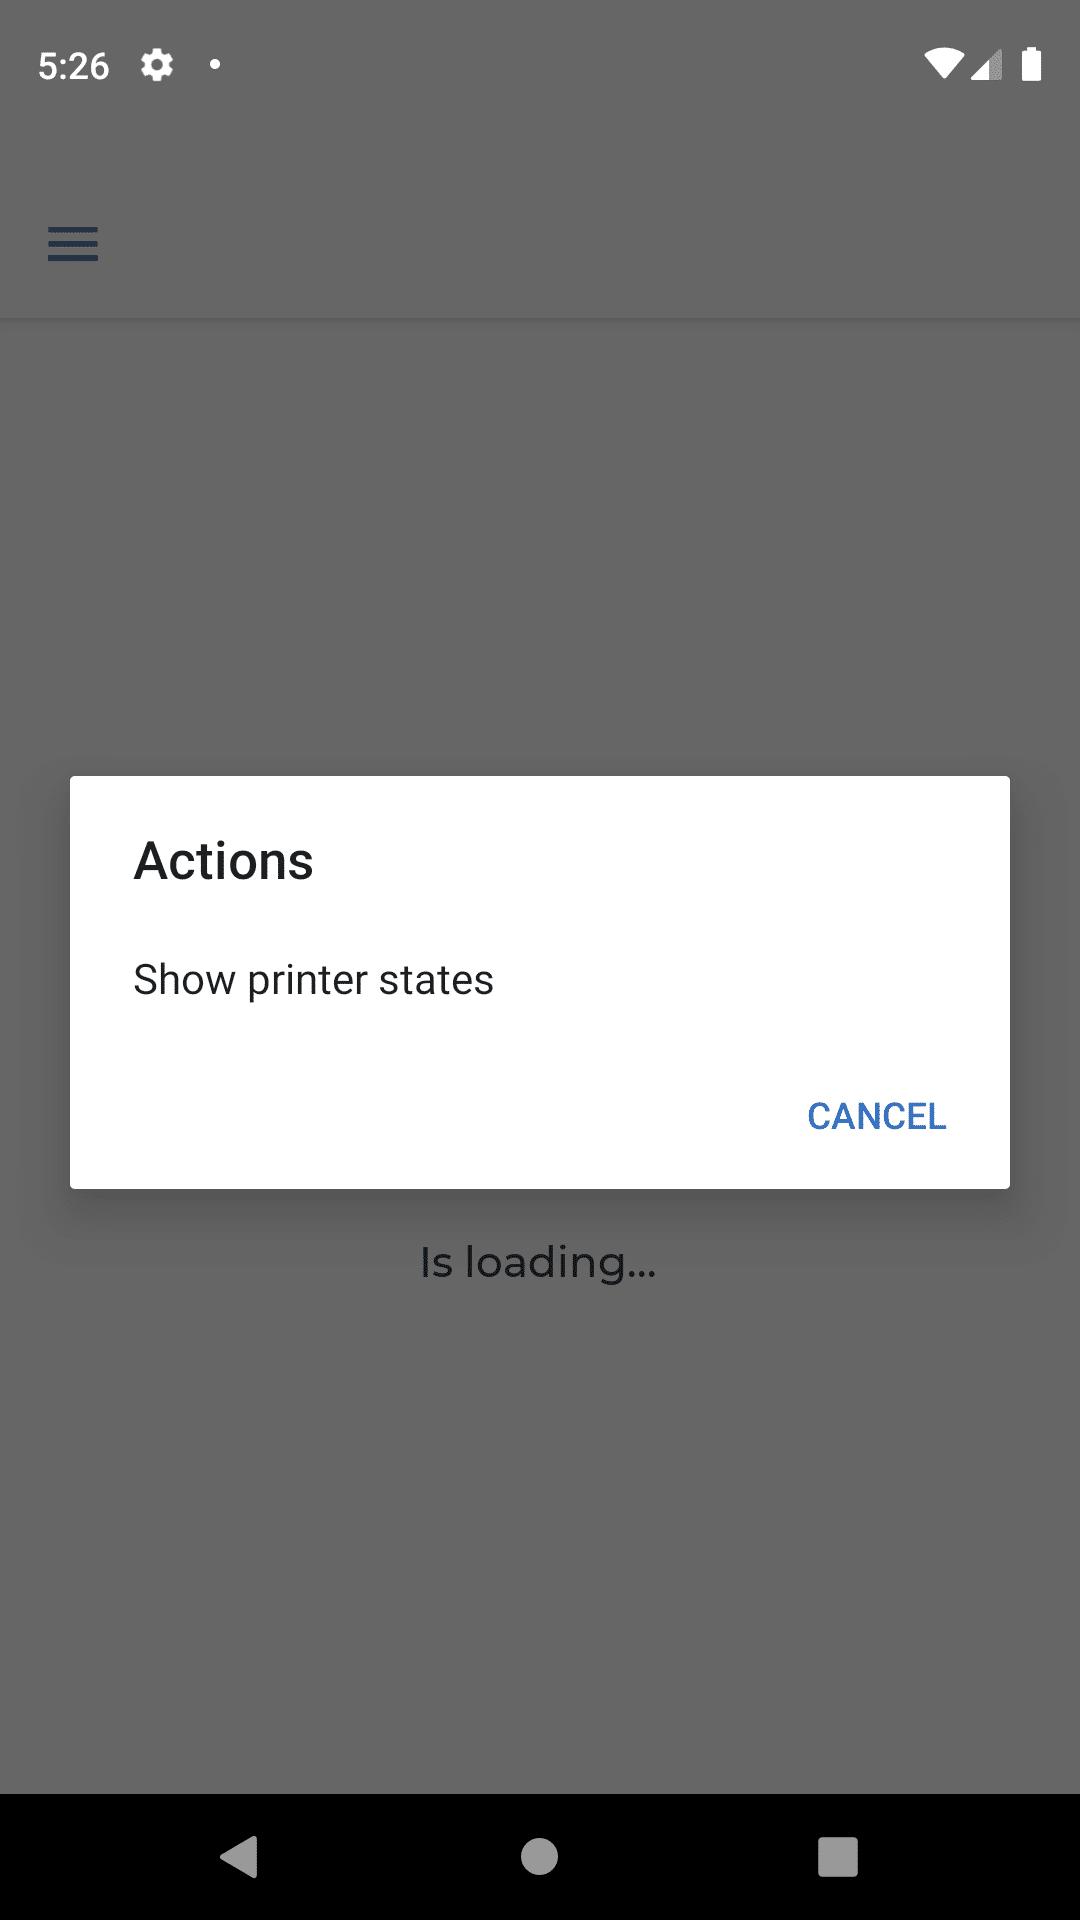 Auswahl der Aktion